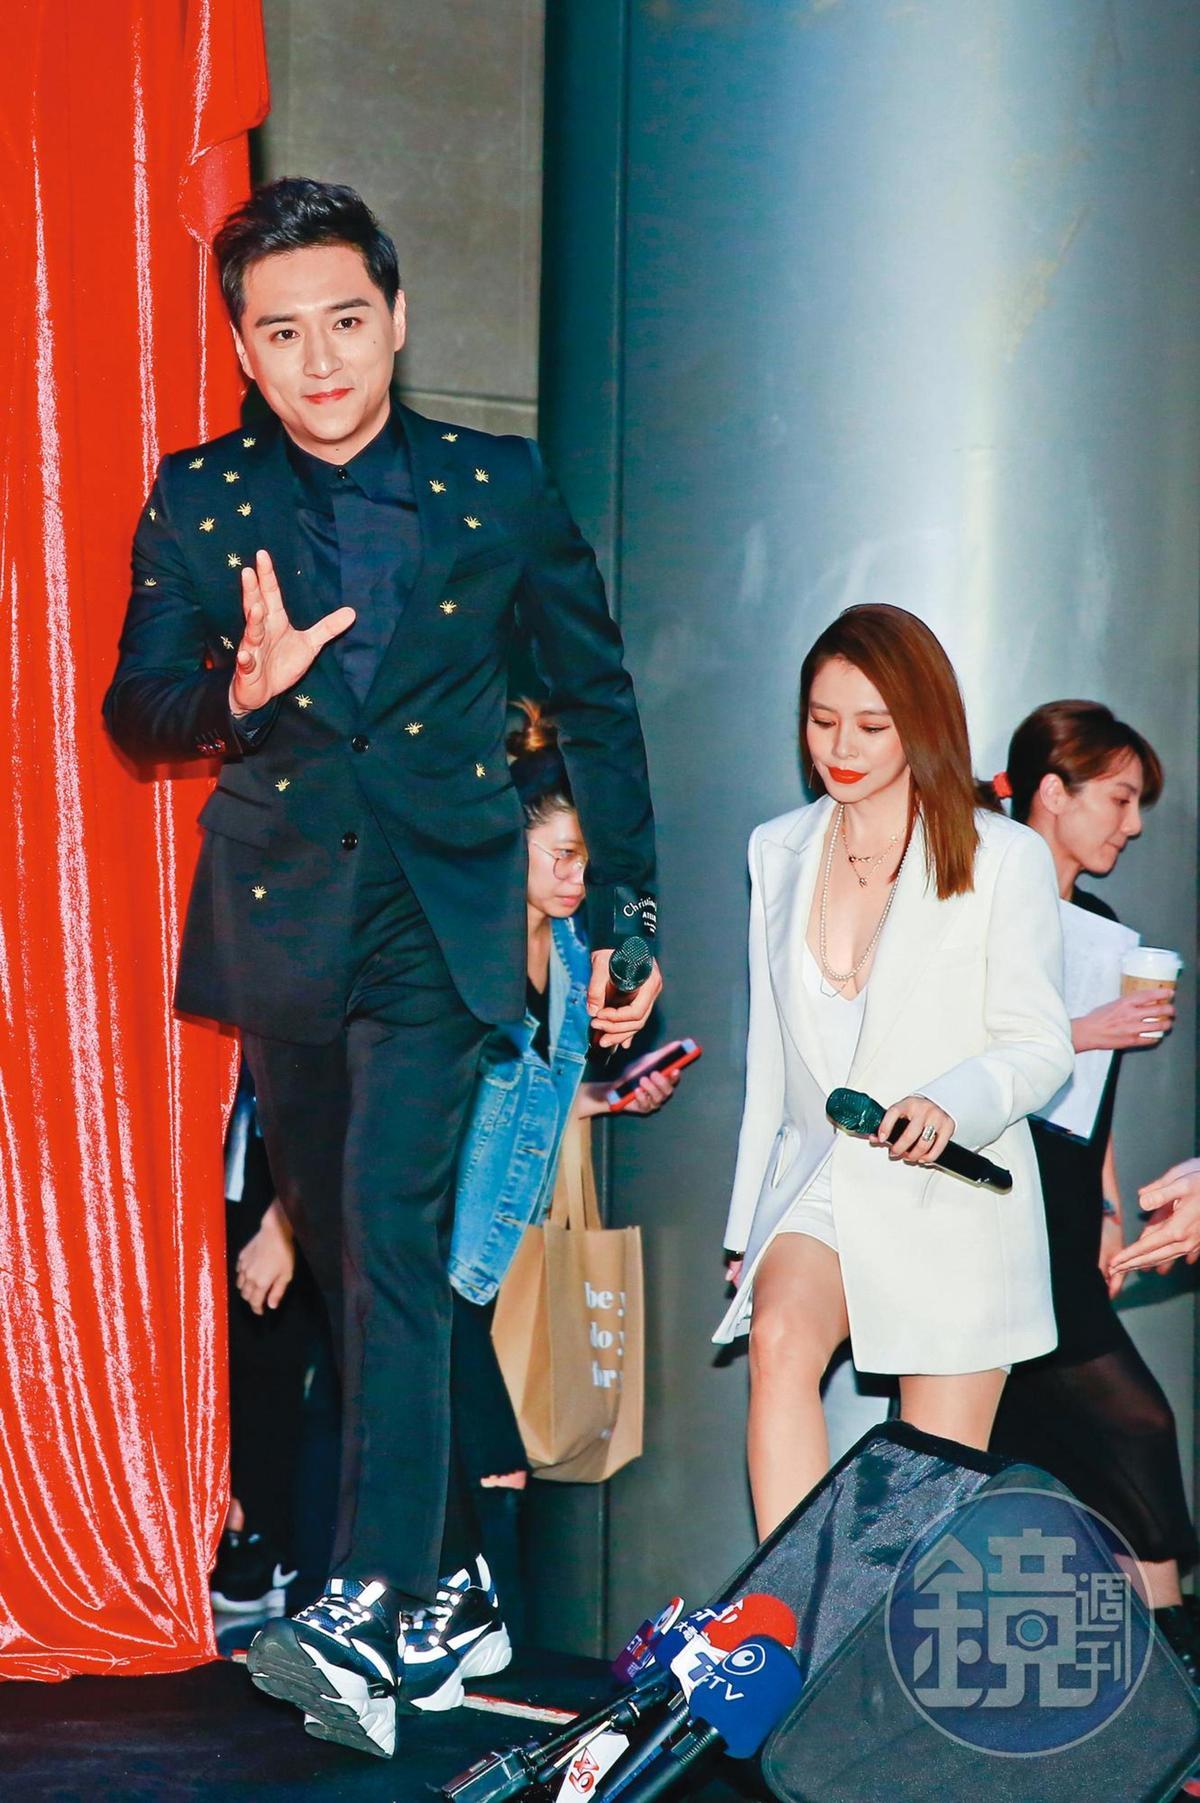 这几年郑人硕戏愈拍愈多,前年包括与徐若瑄(右)合演的《人面鱼》在内,1年就有3部电影上映。